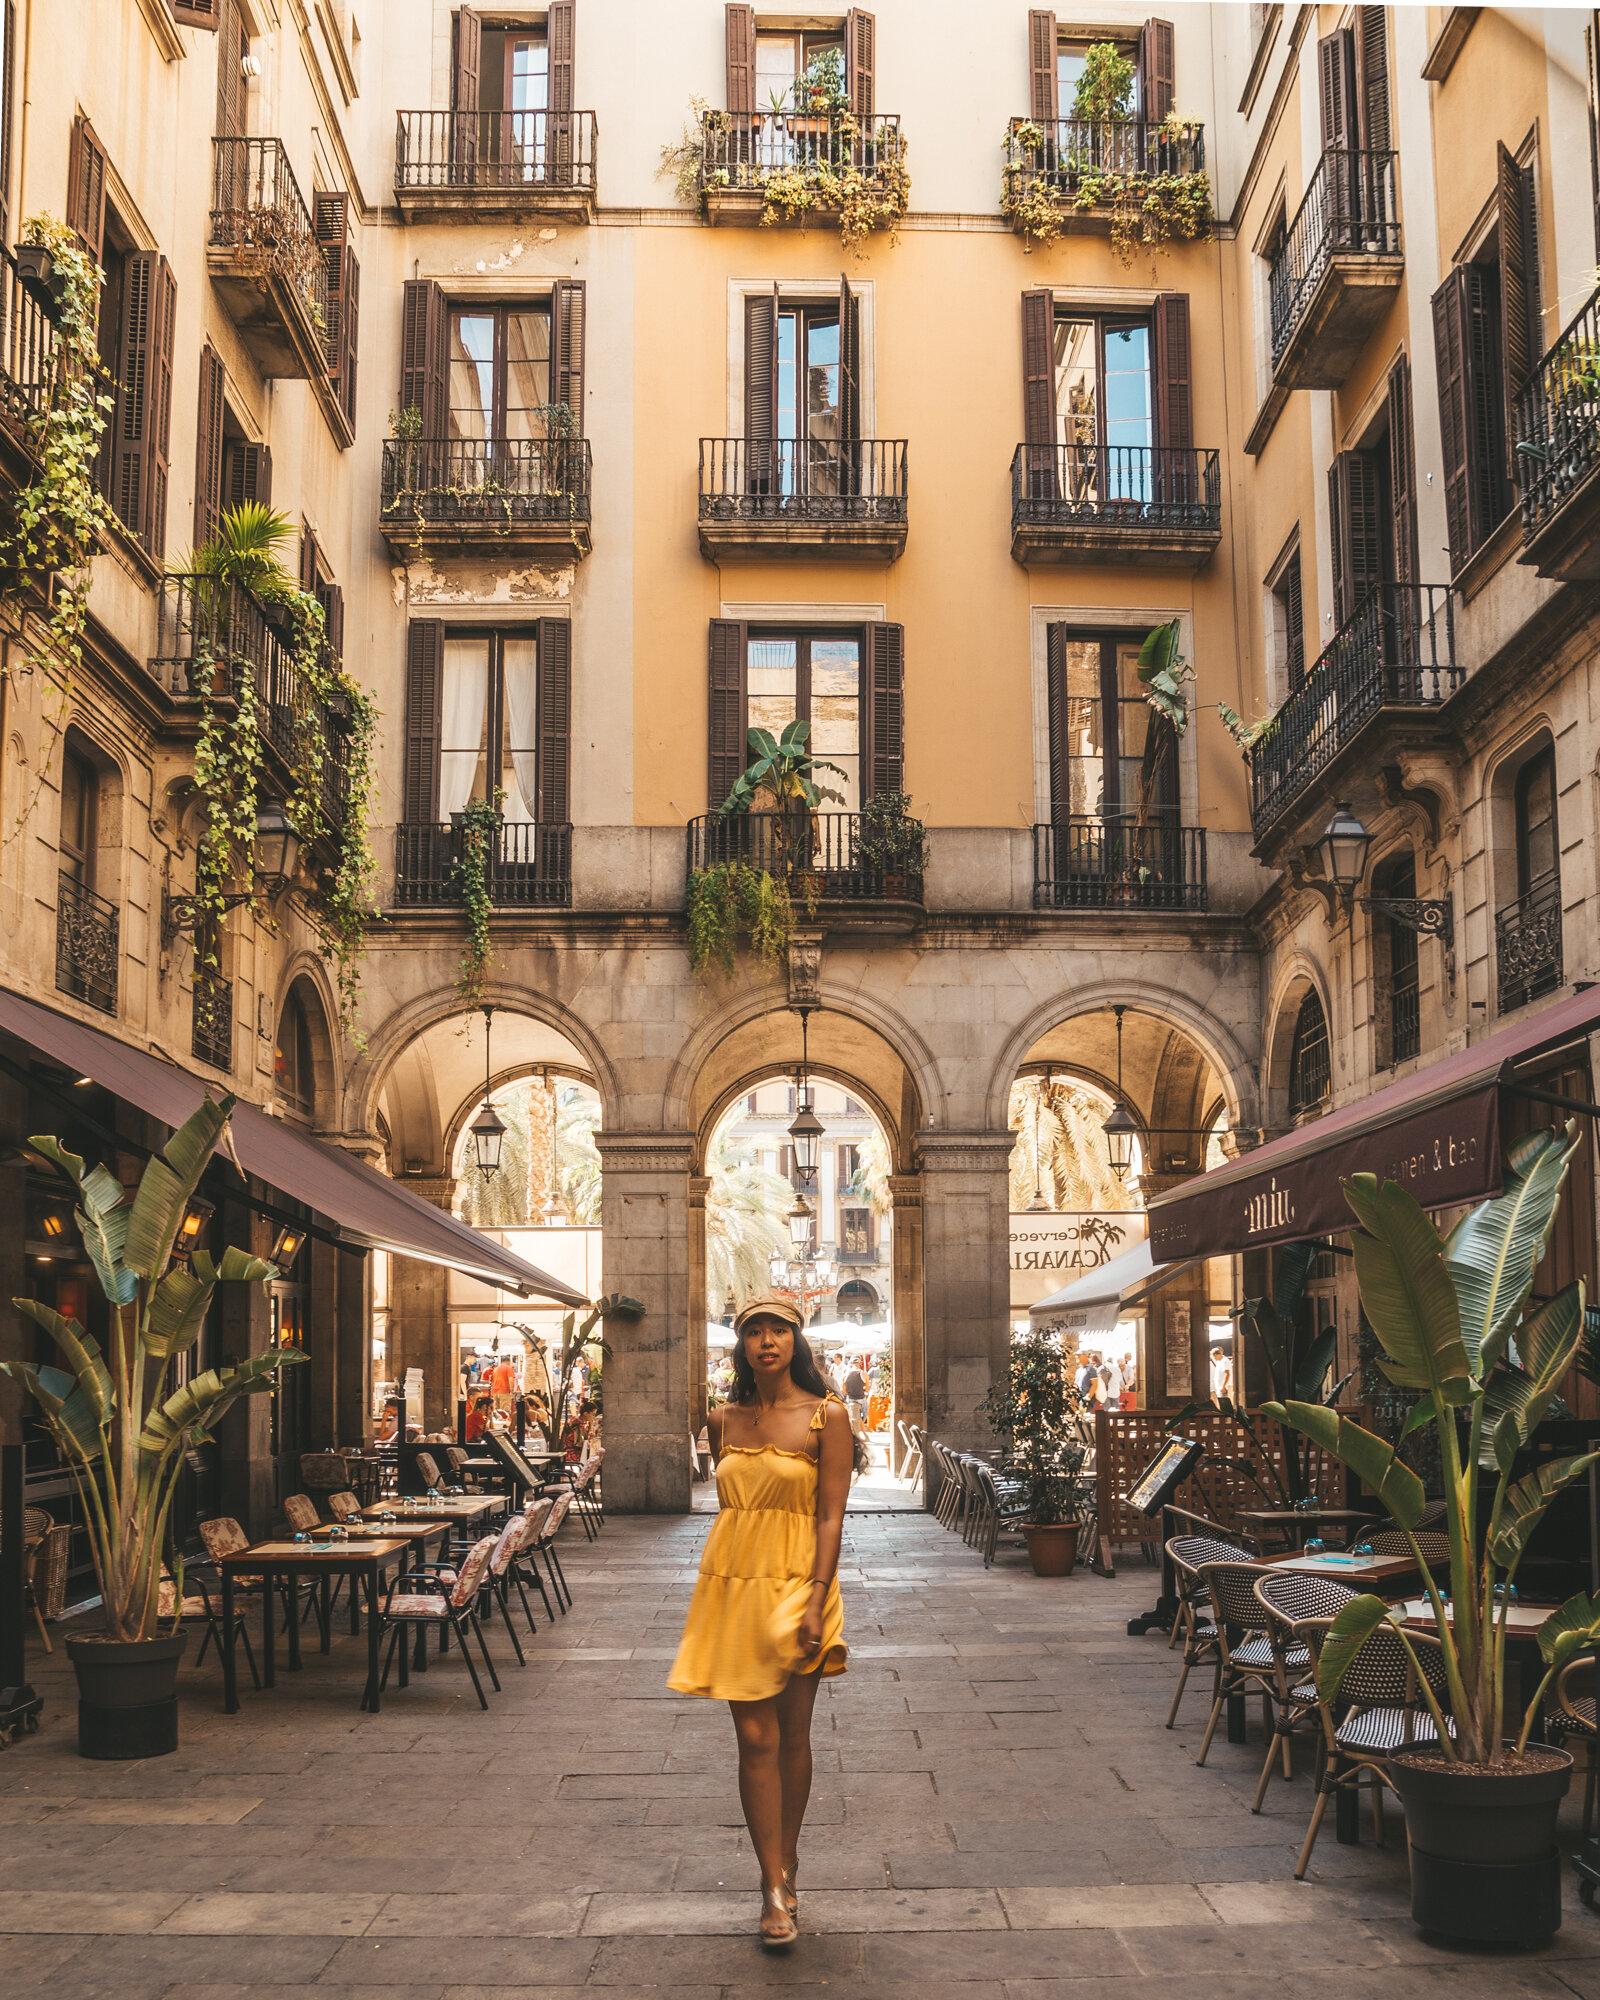 西班牙巴塞罗那,广场上有窗户的黄色连衣裙——梅尔·莱加达照明beplay3体育官方下载